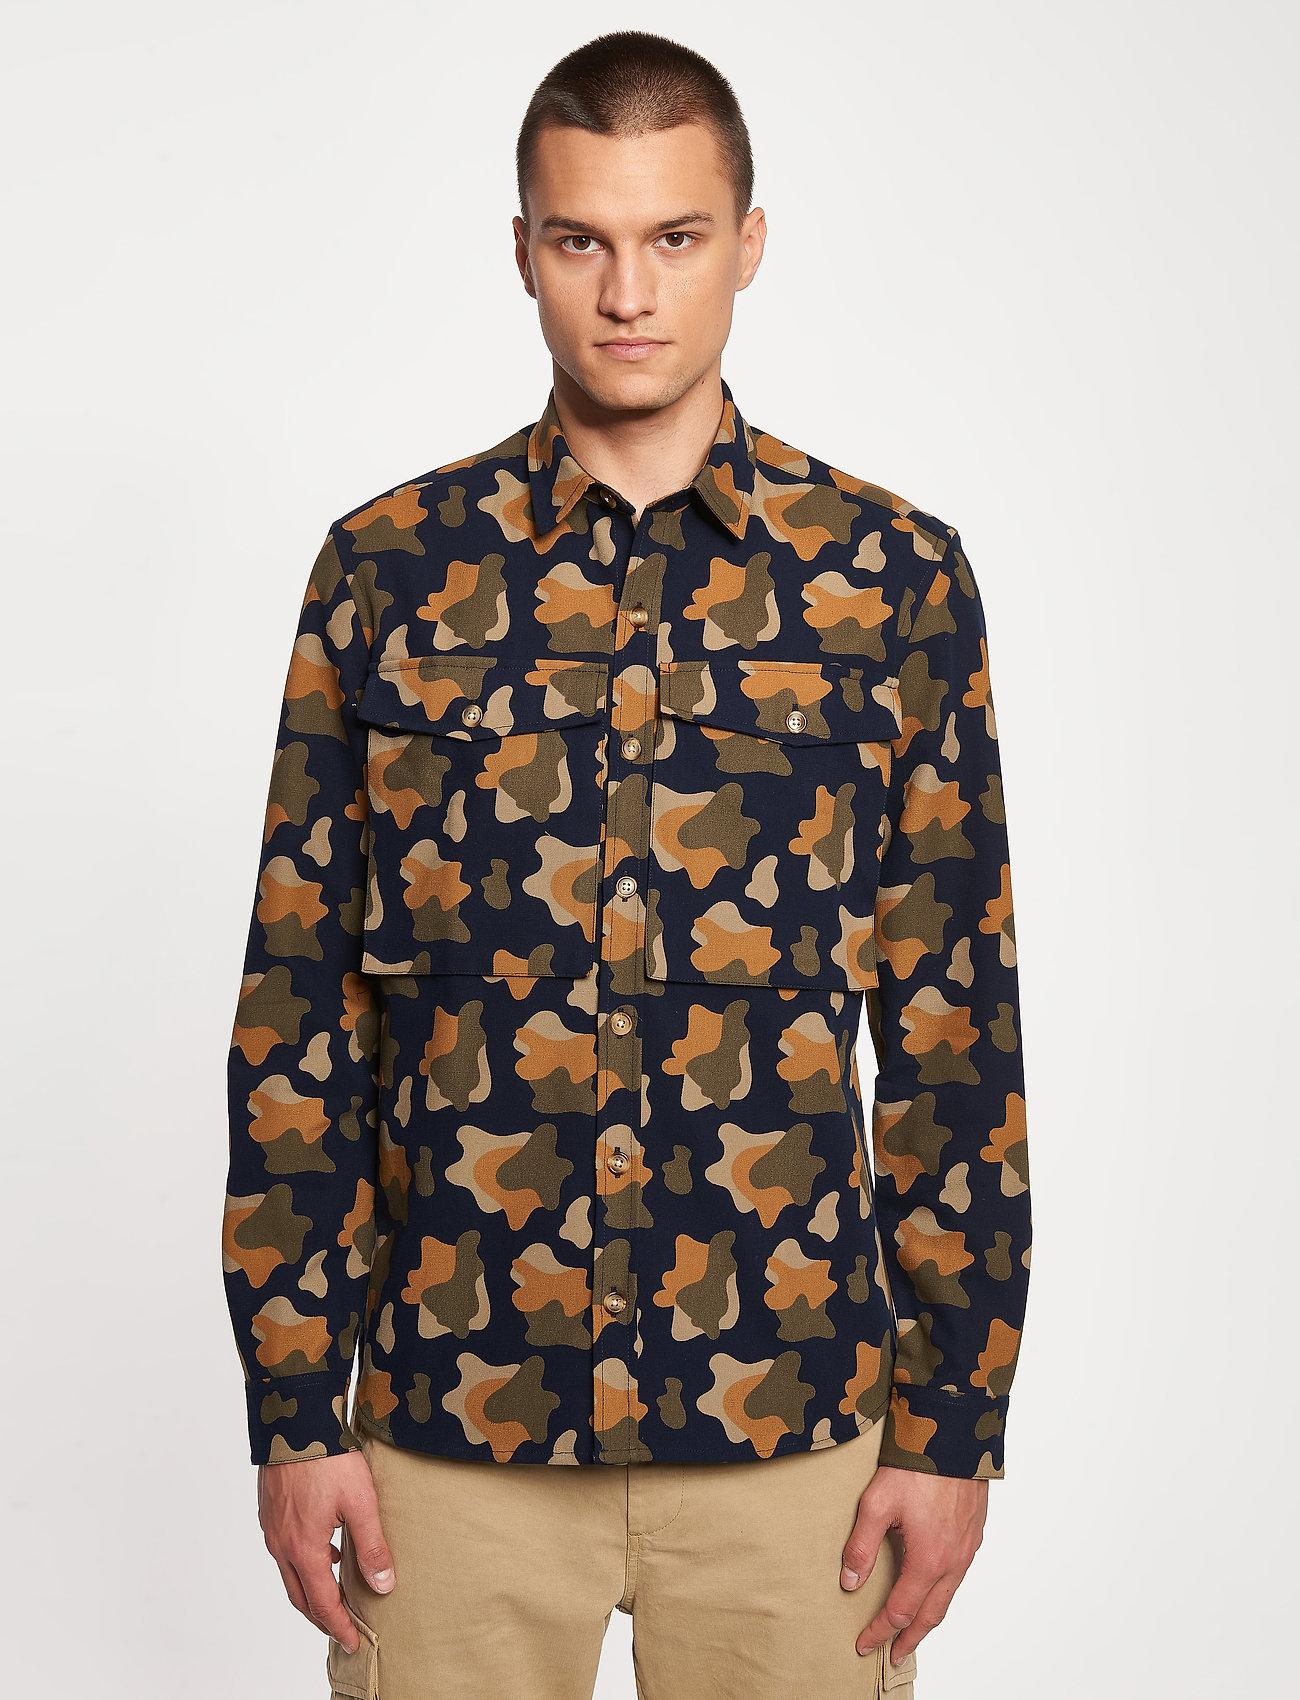 Forét - GONE SHIRT CAMO - chemises de lin - slate - 4